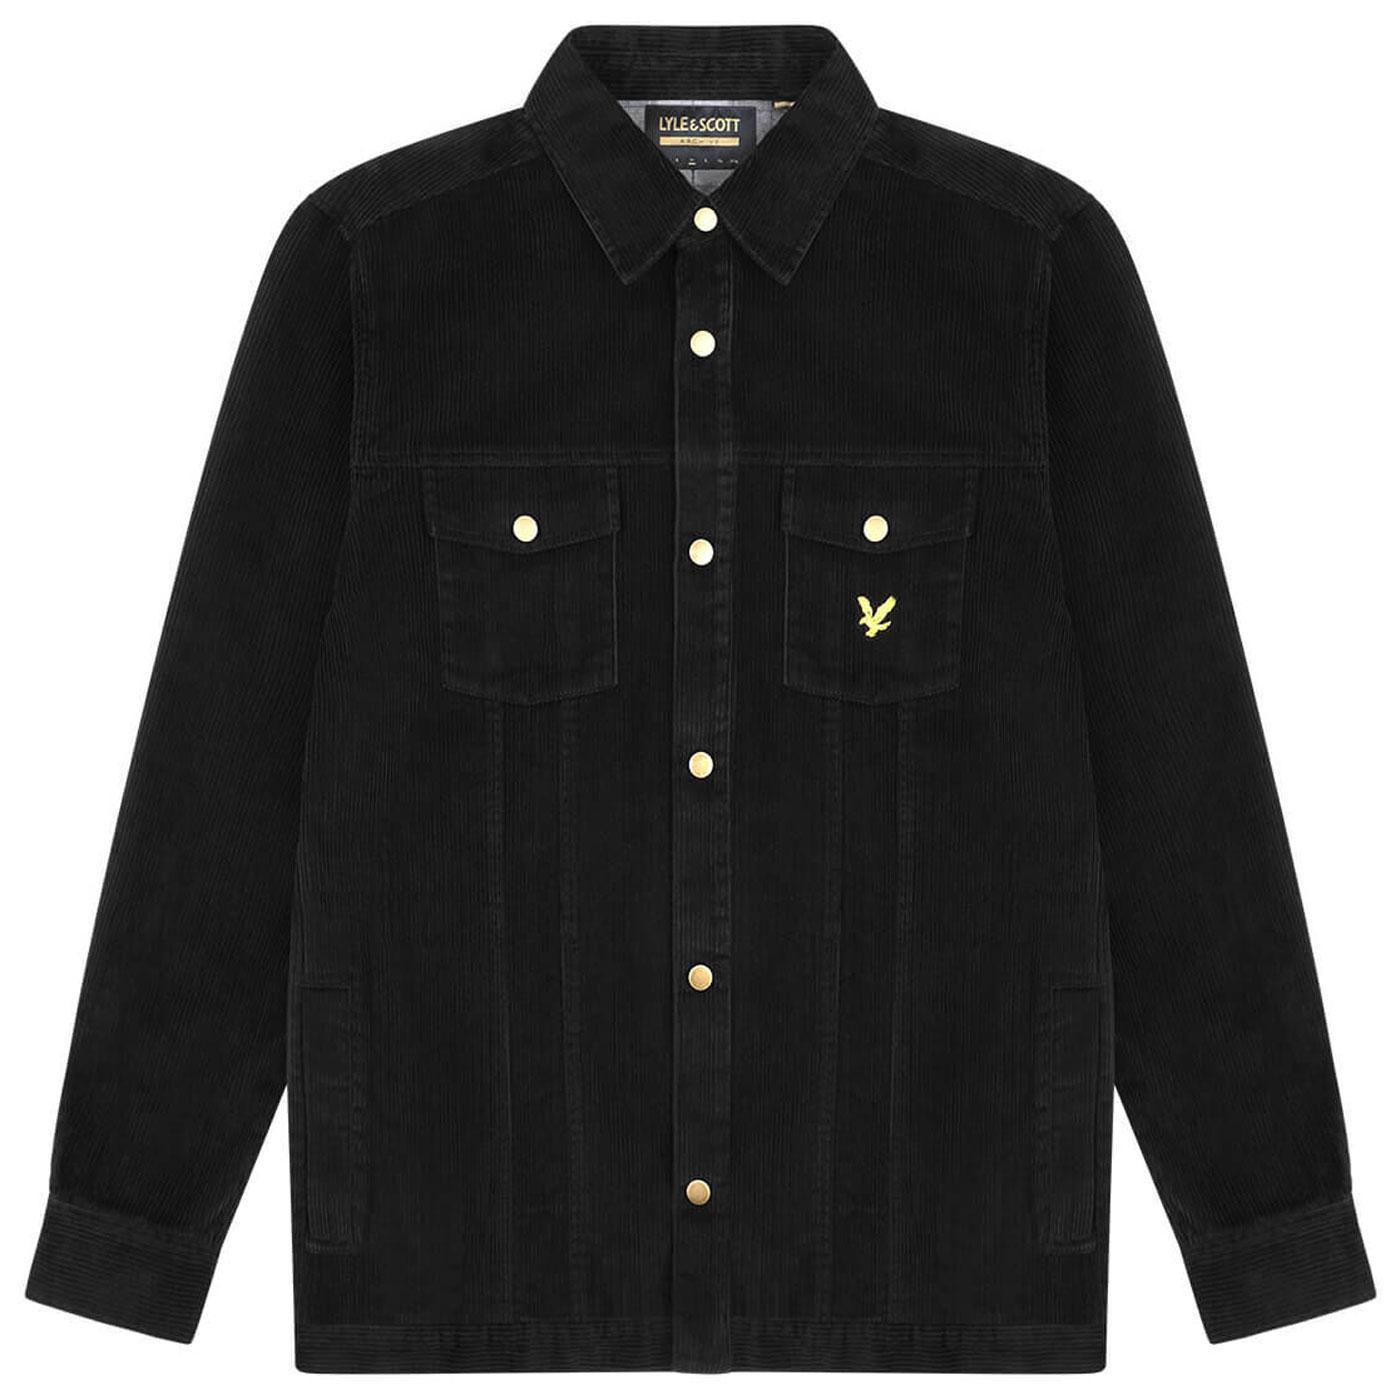 LYLE & SCOTT Retro 70s Jumbo Cord Overshirt B